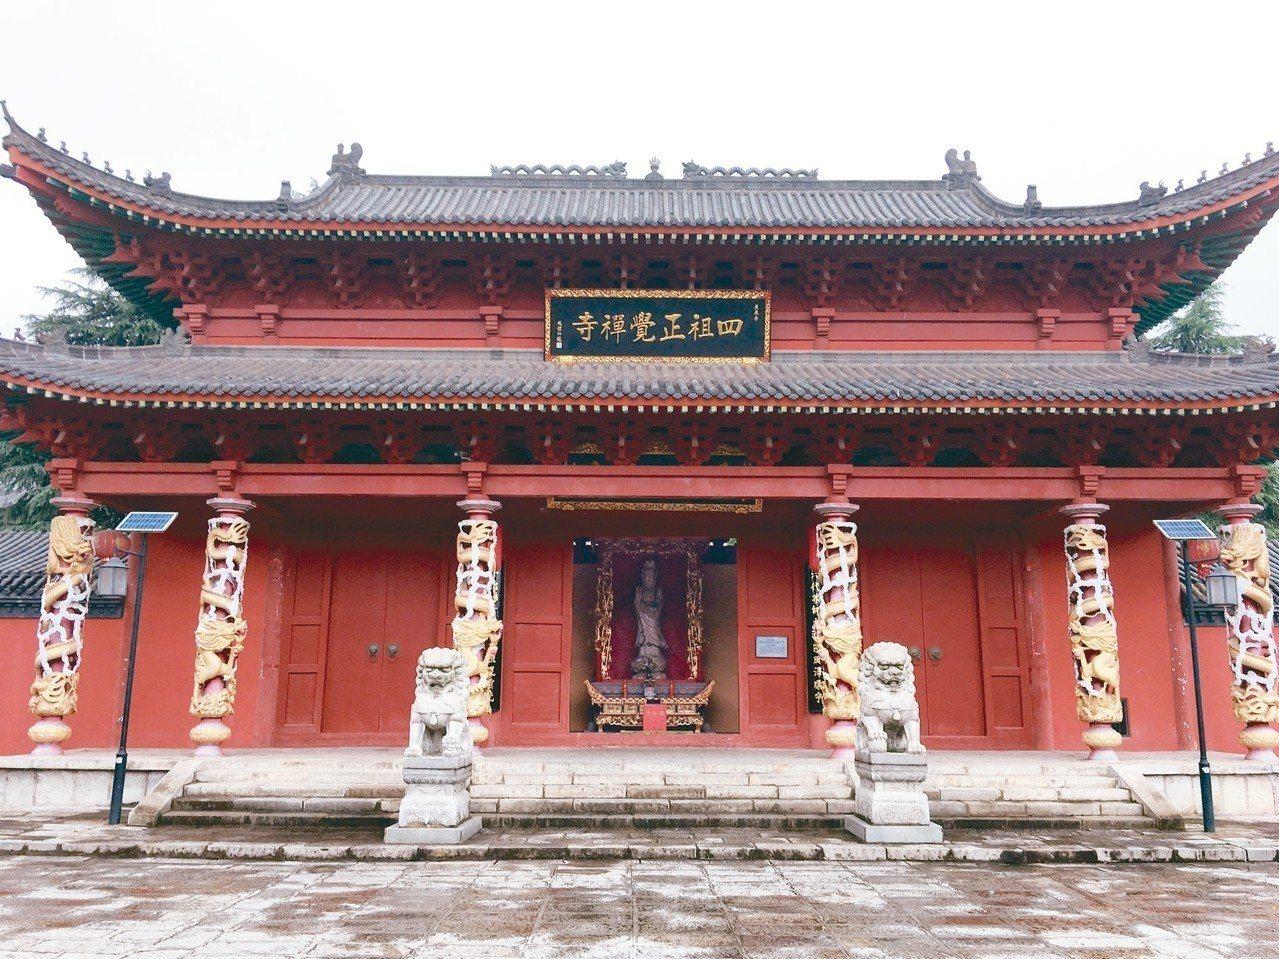 四祖正覺禪寺山門殿。 圖/本報黃梅傳真